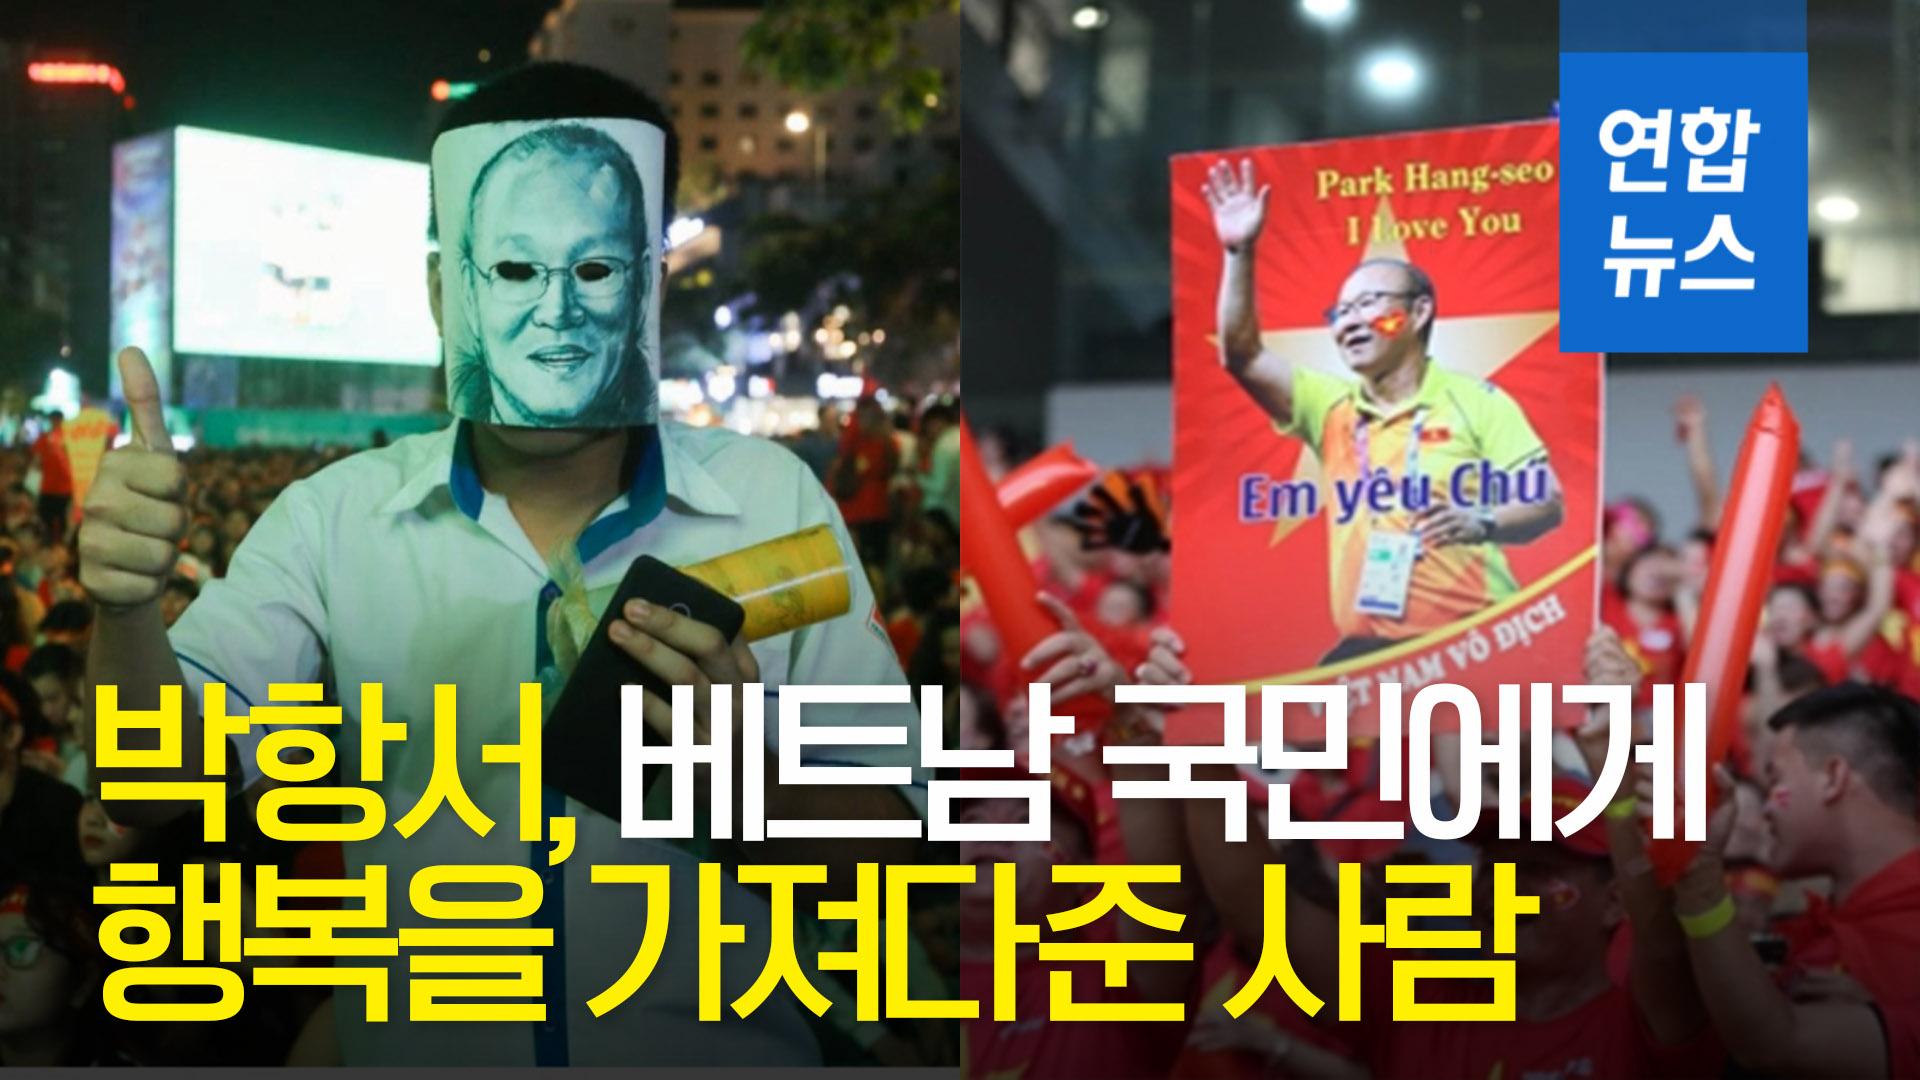 """[영상] """"박항서, 베트남 국민에게 행복을 가져다준 사람"""""""